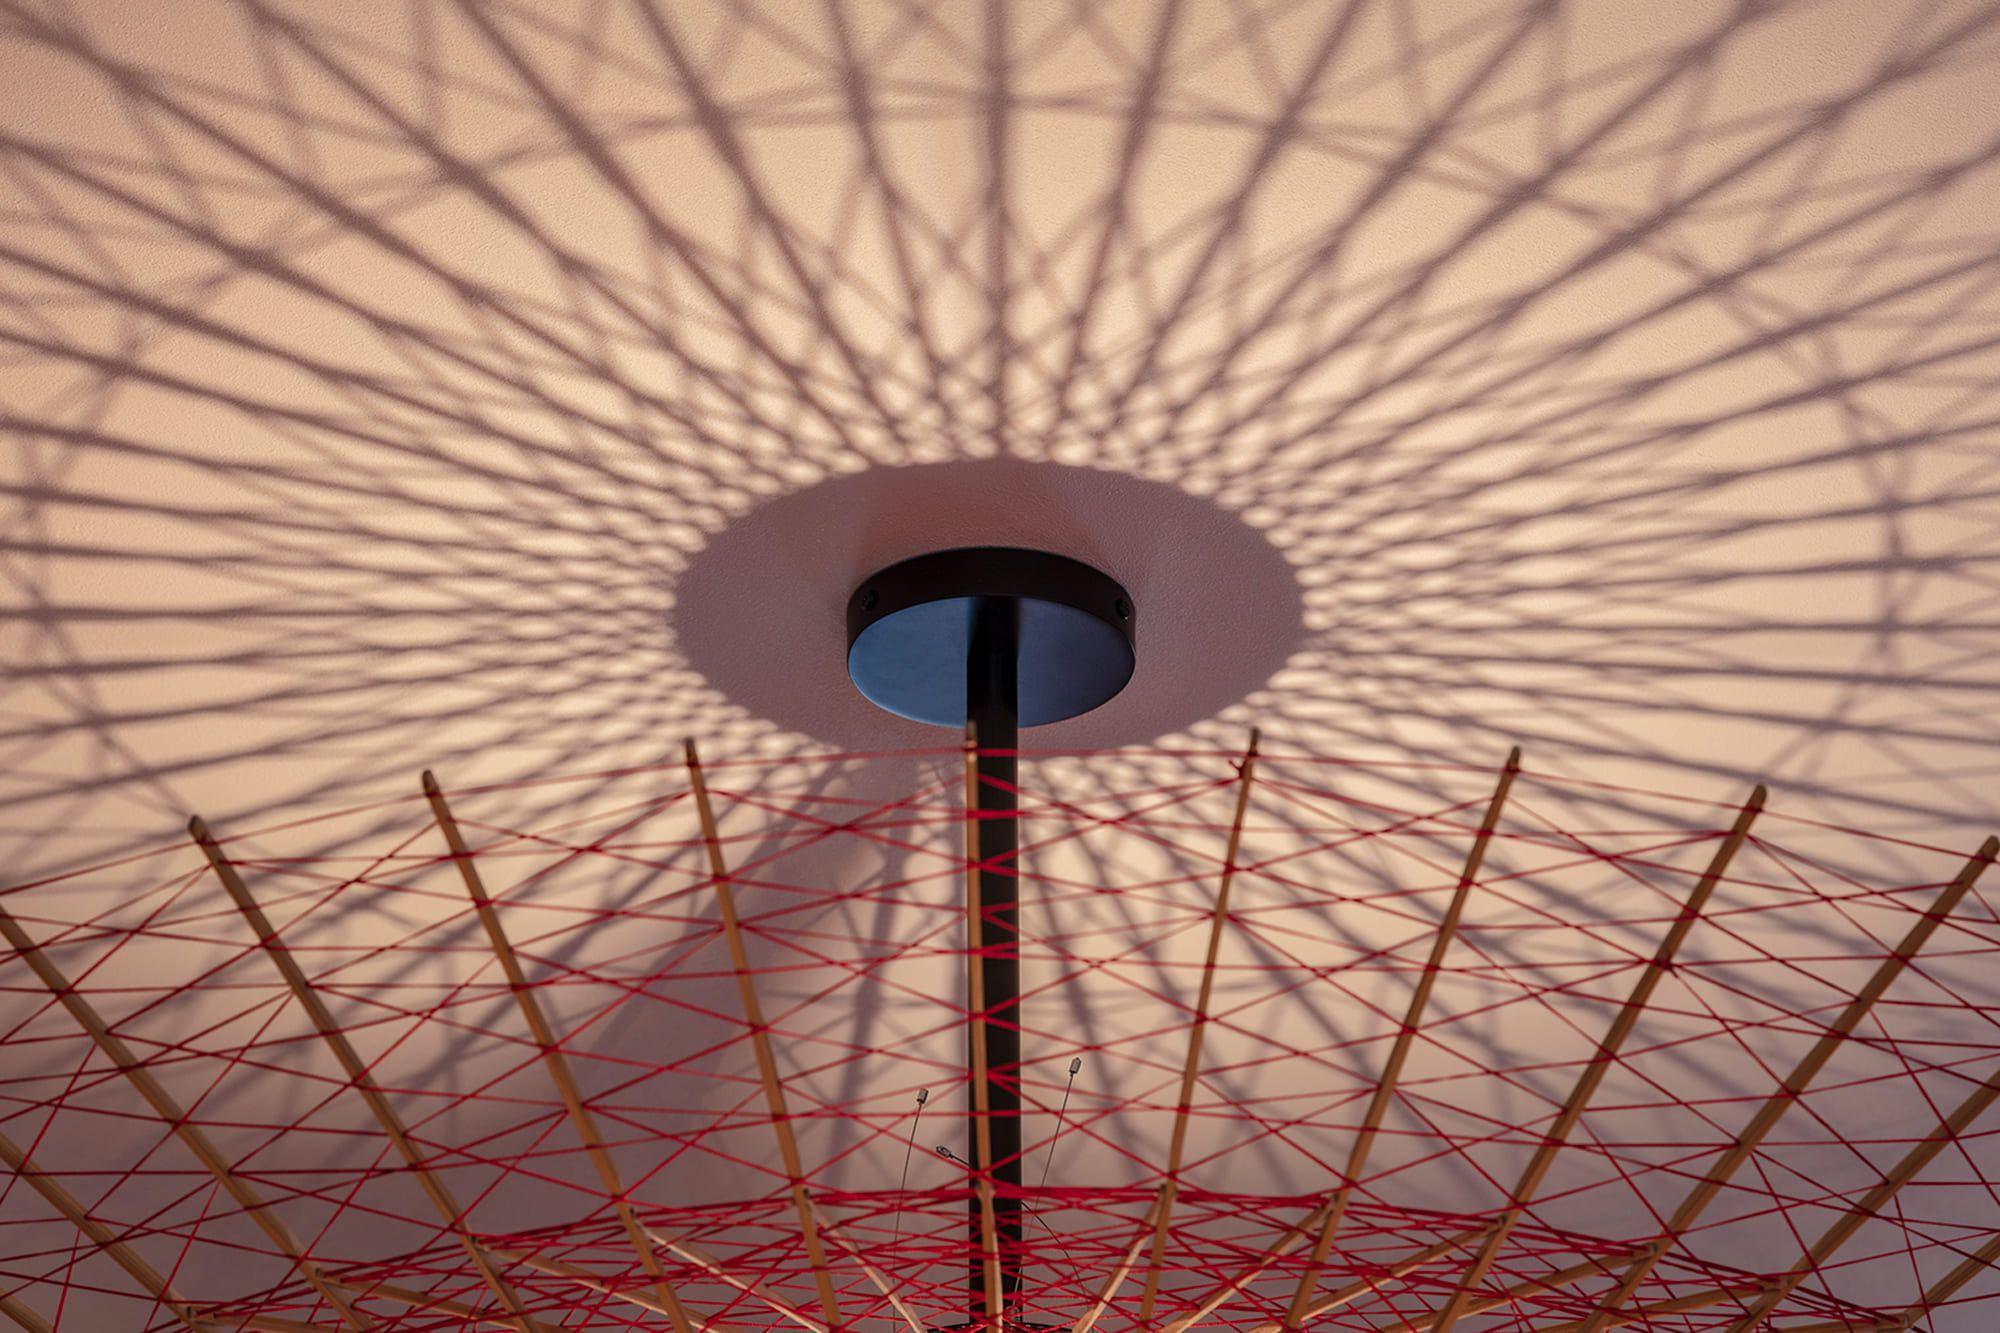 京都の和傘の老舗である日吉屋との協働により実現させた、和傘の骨組みのデザインのペンダント照明